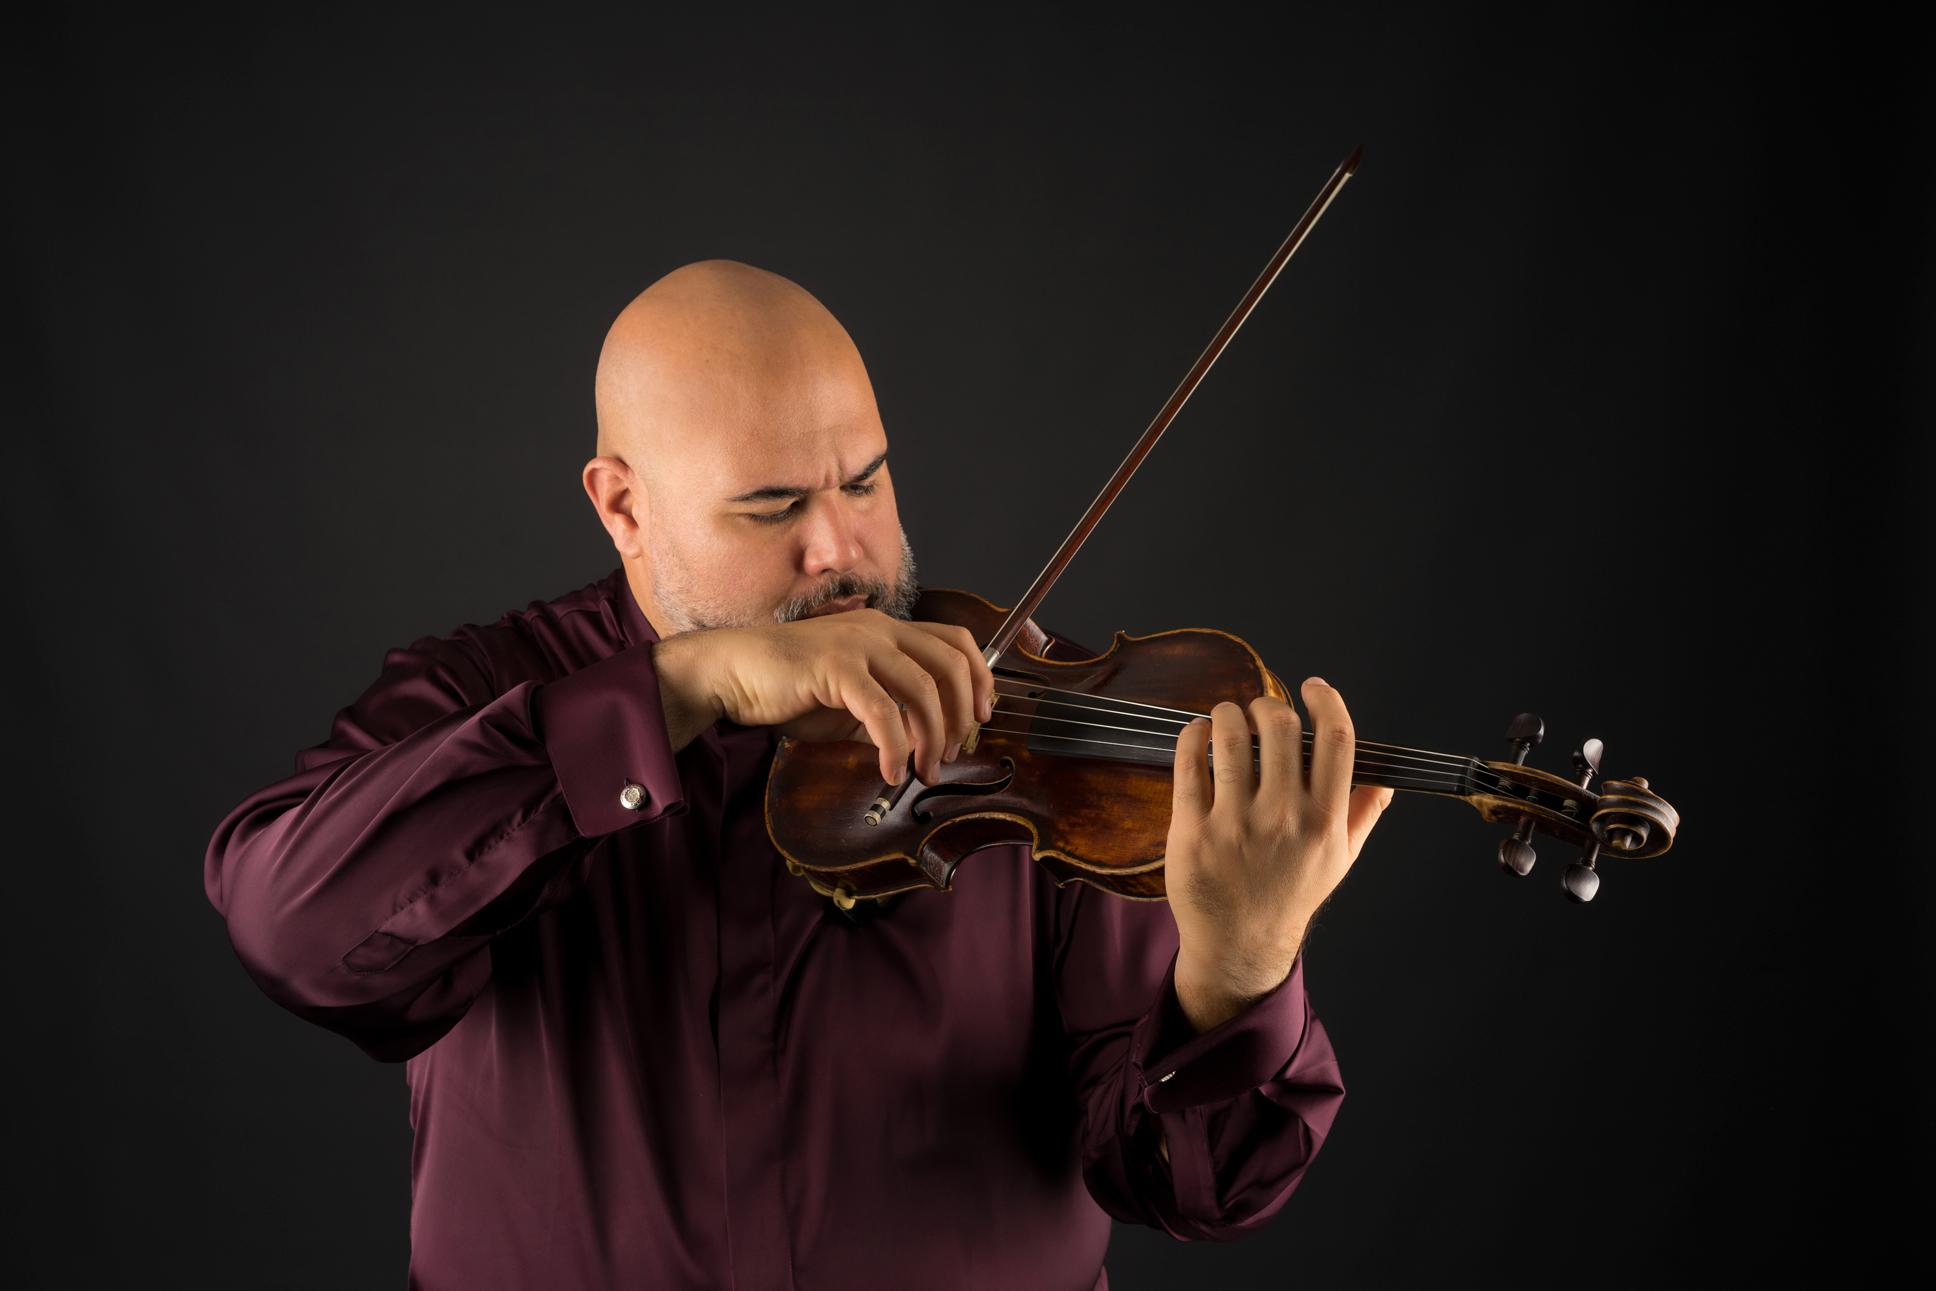 Gianmaria-Melis-Sito-violino-bordeaux-home